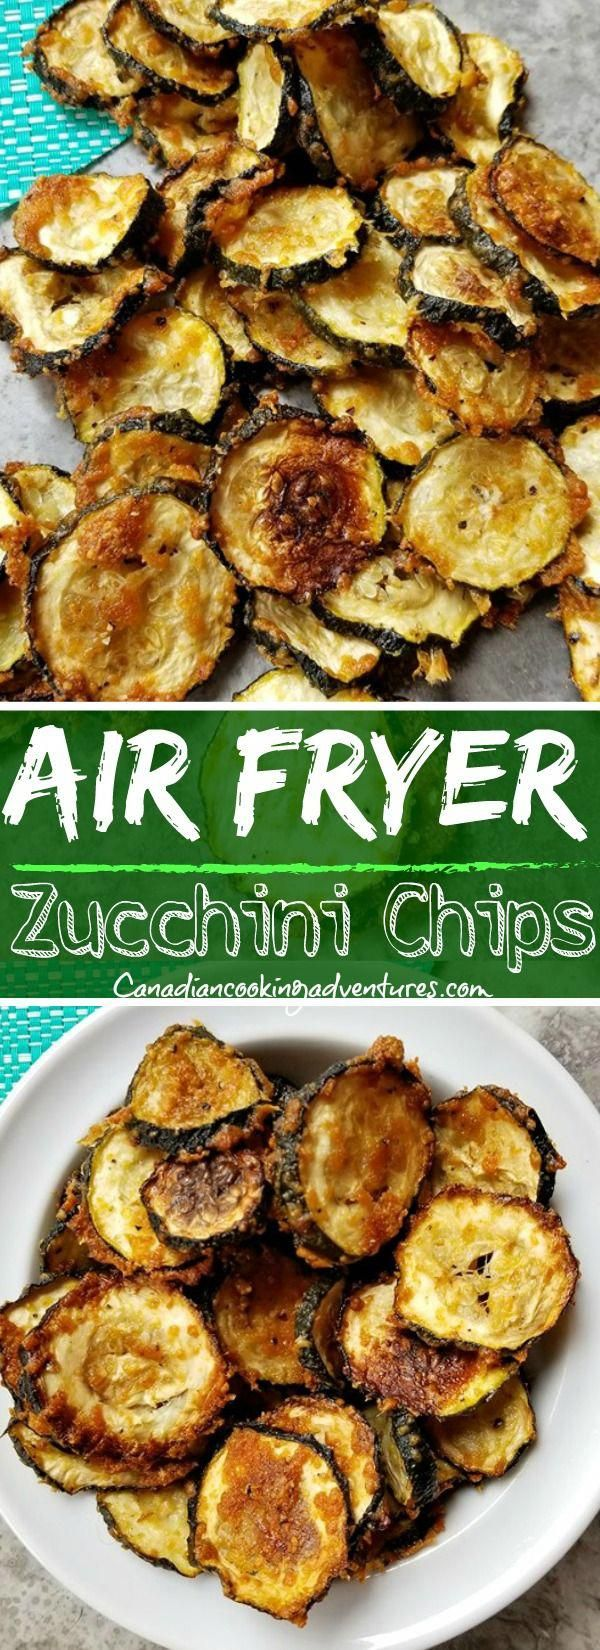 Air Fryer Eggplant Chips (Keto) in 2020 Air fryer dinner